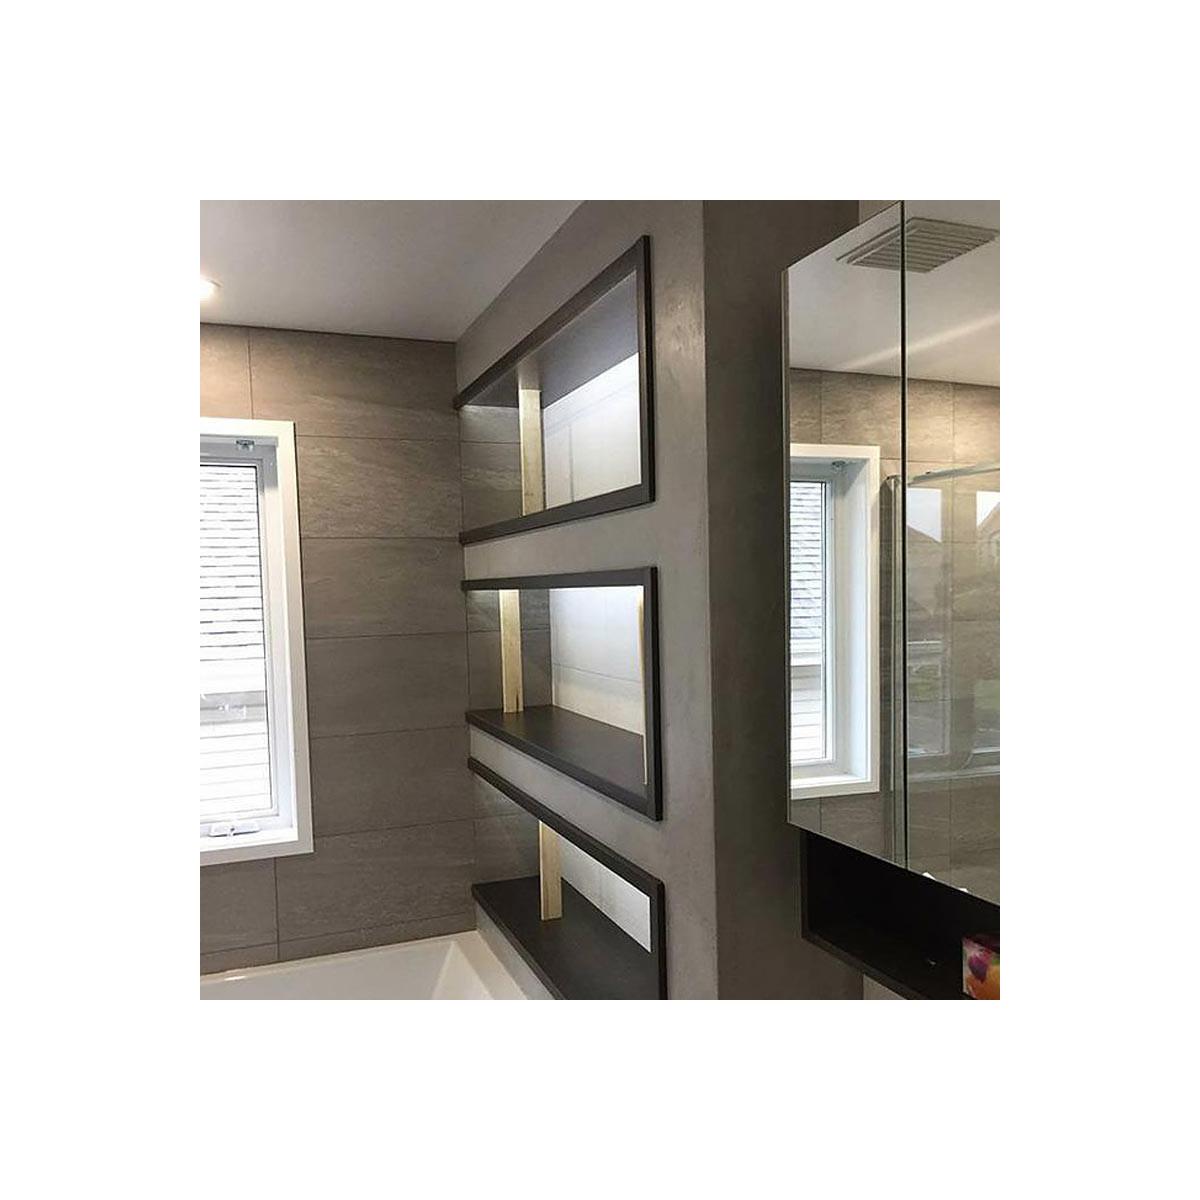 b ton cir salle de bain douche italienne enduit d coratif. Black Bedroom Furniture Sets. Home Design Ideas